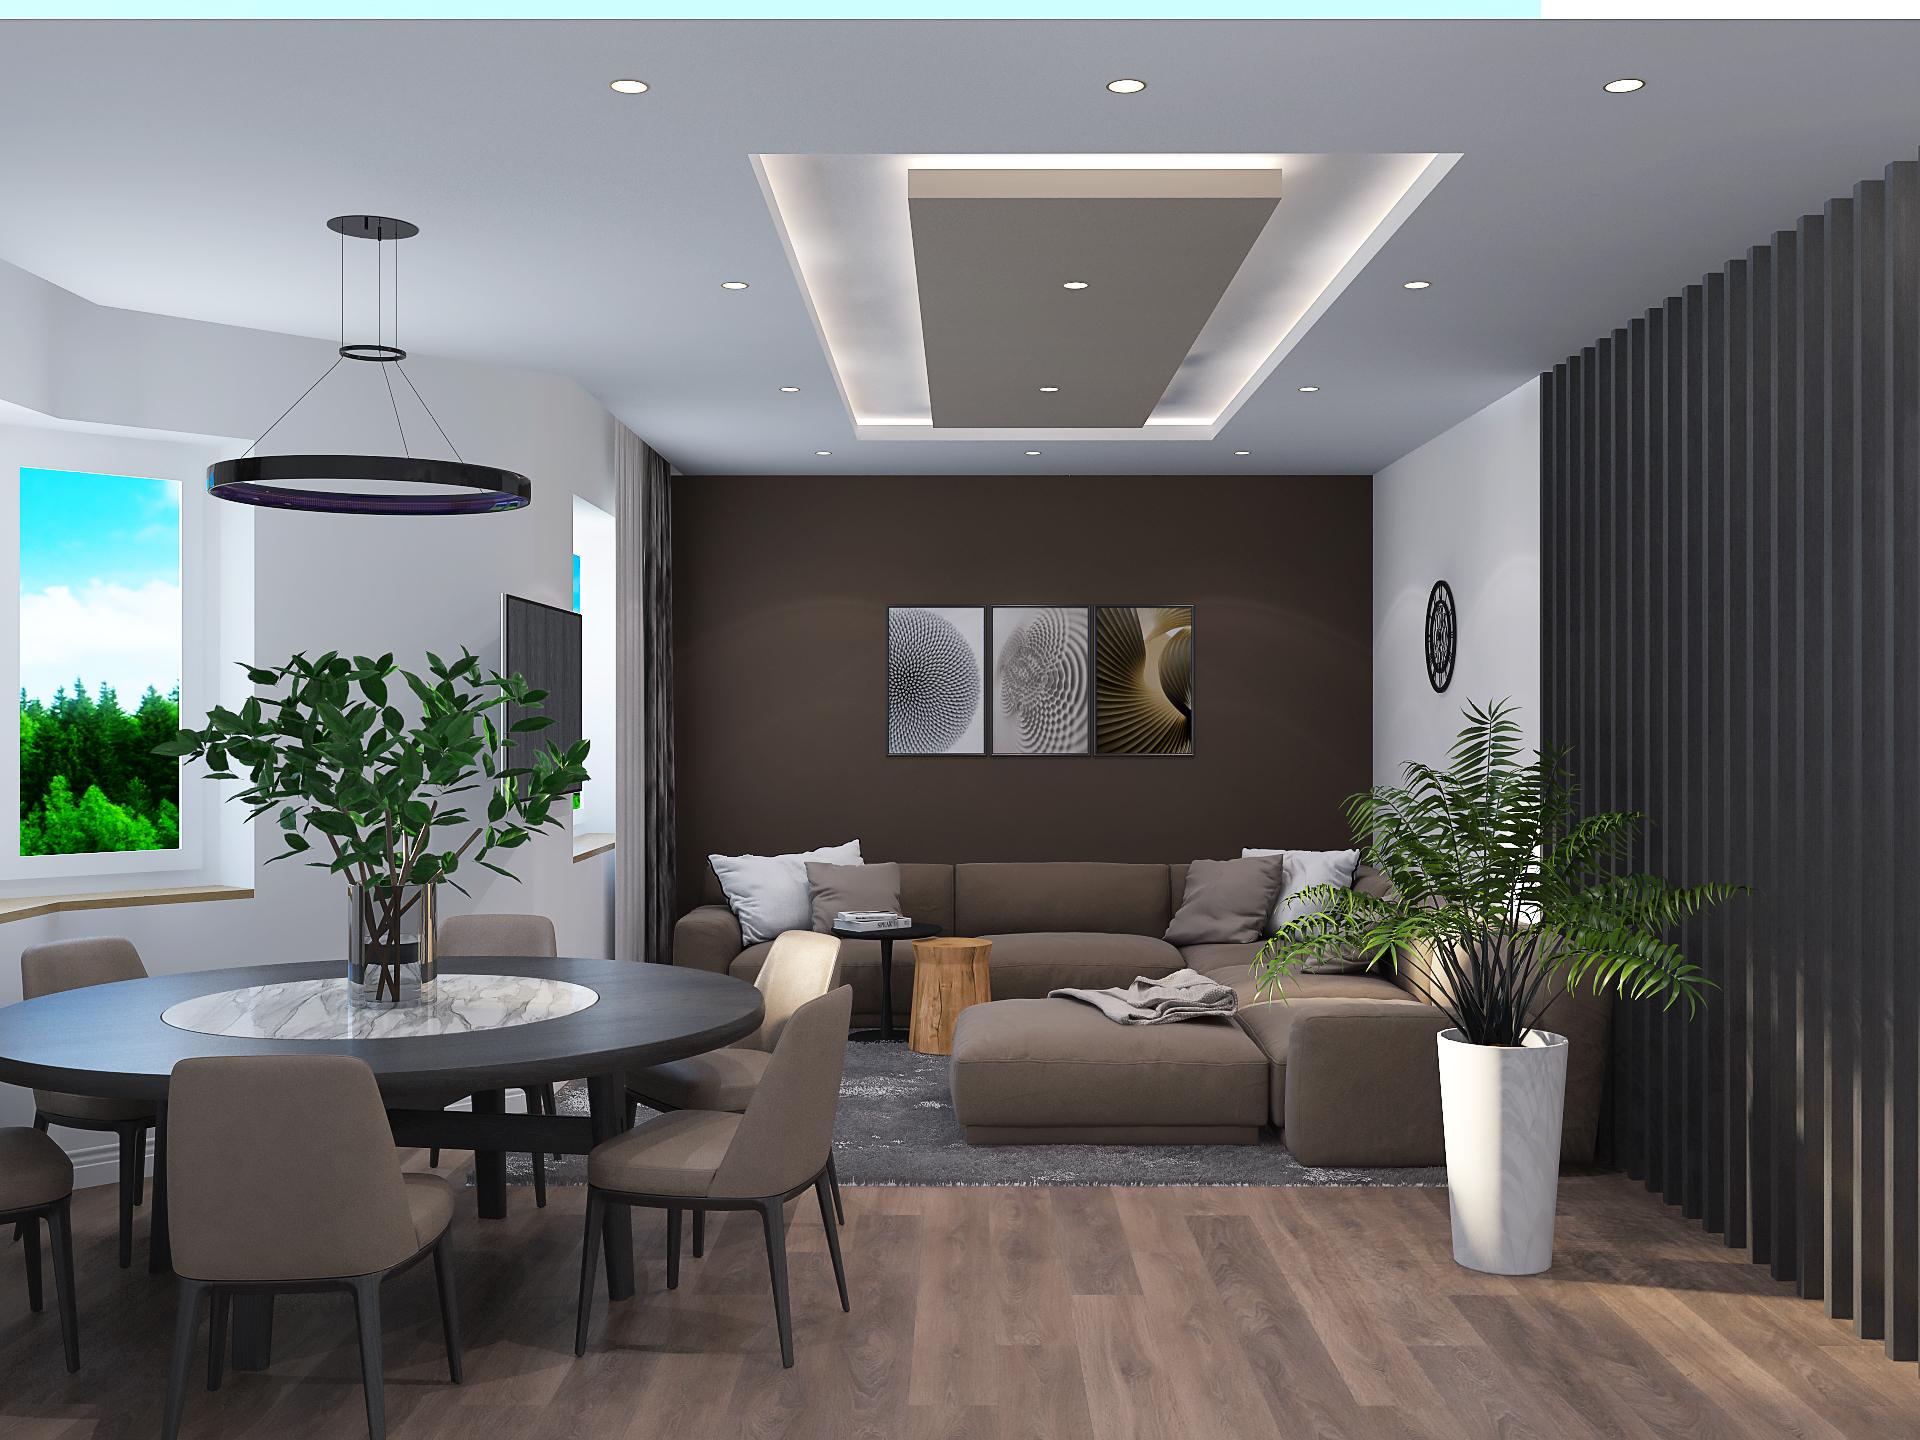 Объединение + планировка квартиры (~260 кв.м.) фото f_6205a56431fb66b8.jpg